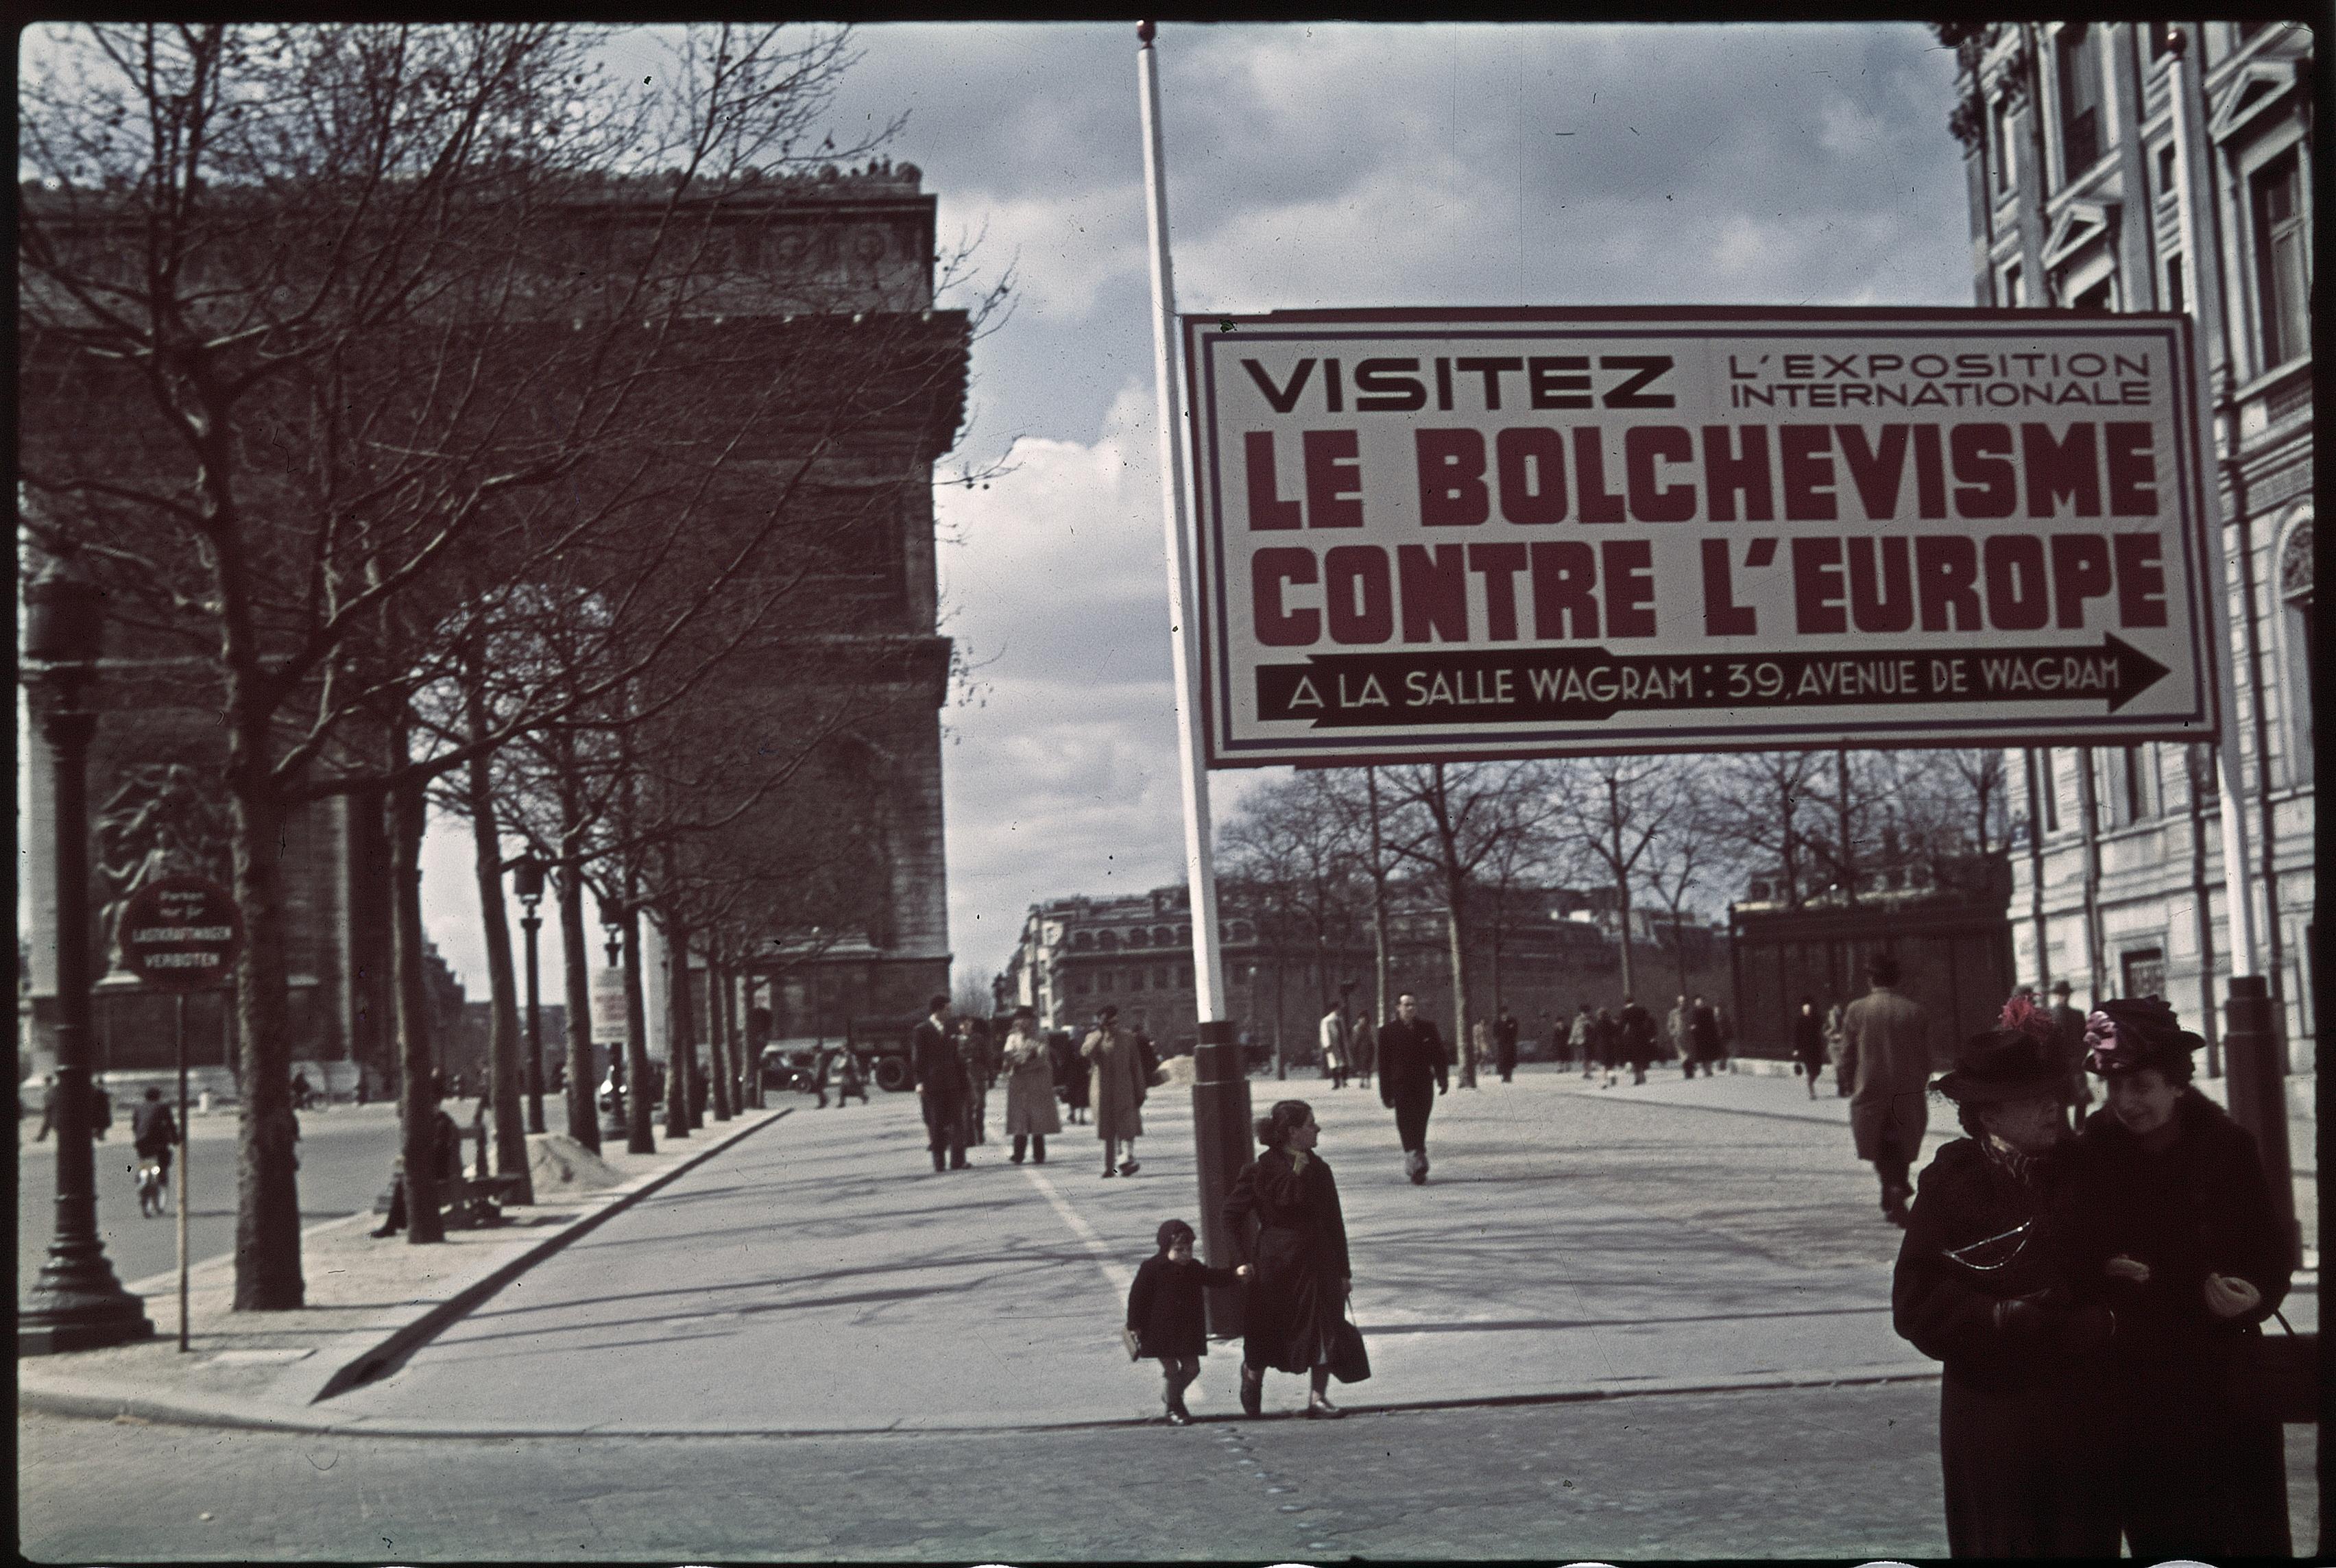 Плакат на Елисейских полях. Посетите выставку «Большевизм против Европы»